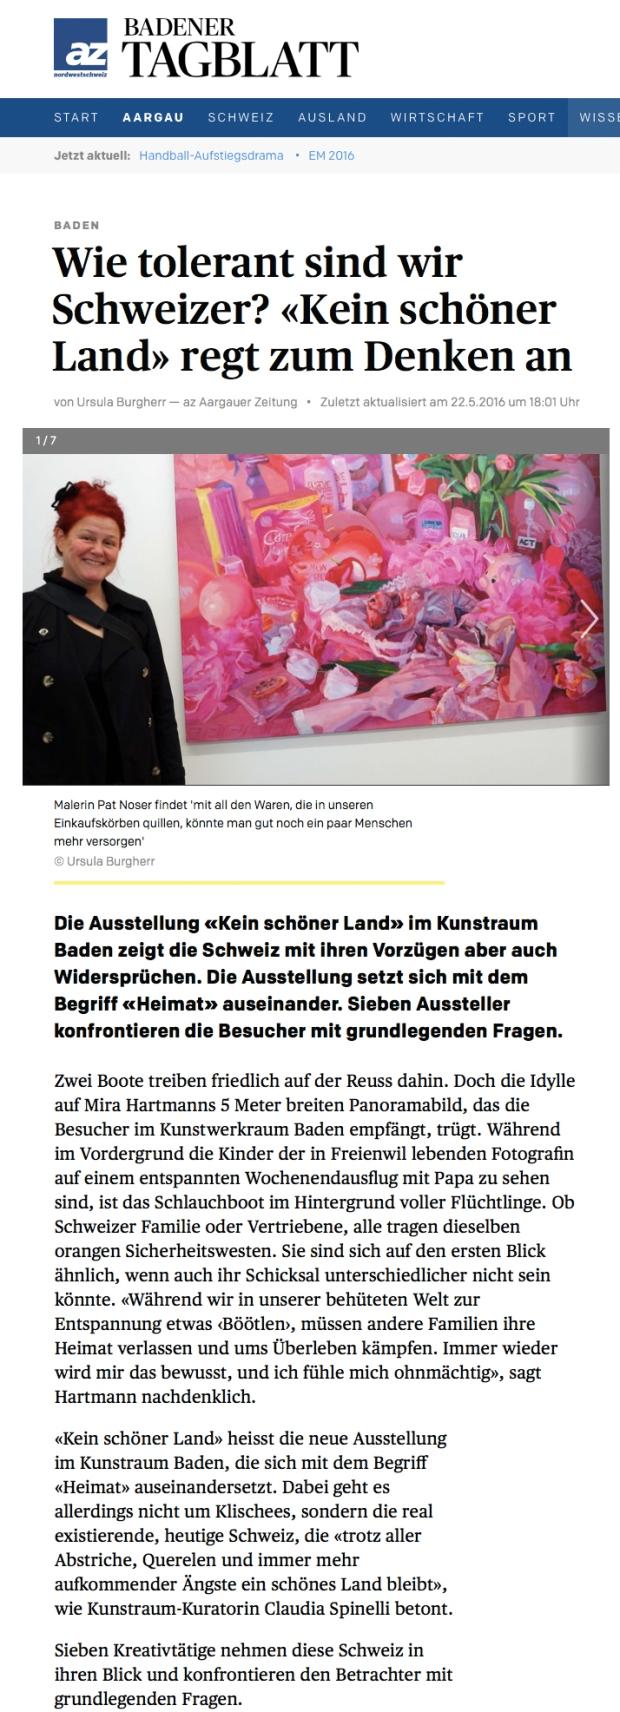 Baden badener Tagblatt.jpg